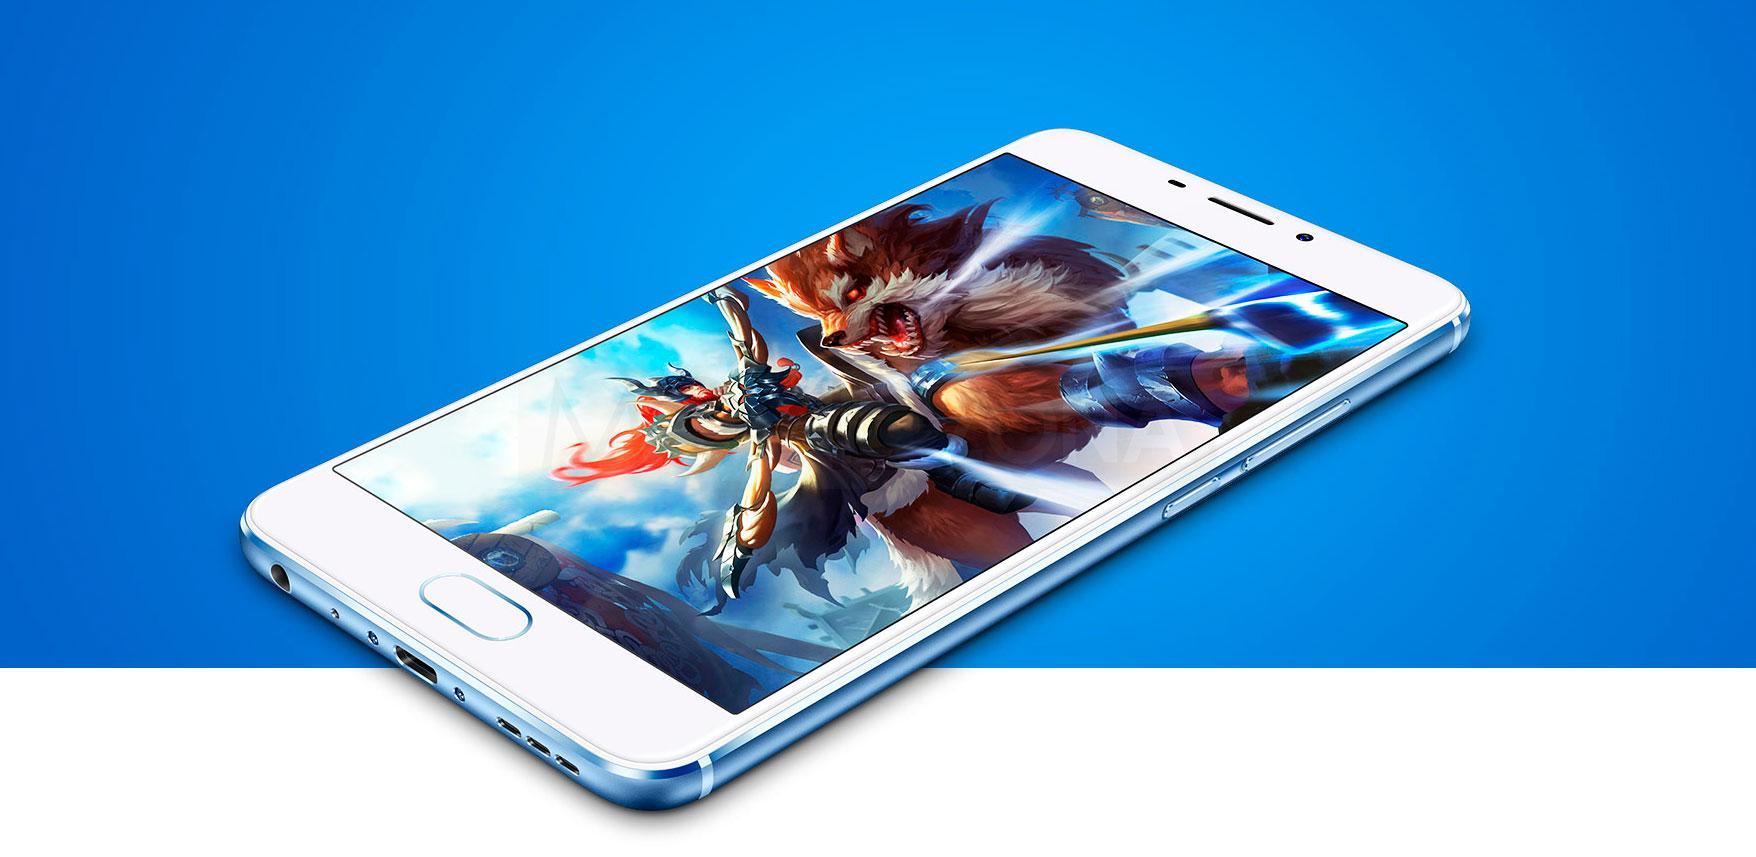 Meizu M5 Note con videjuego en pantalla